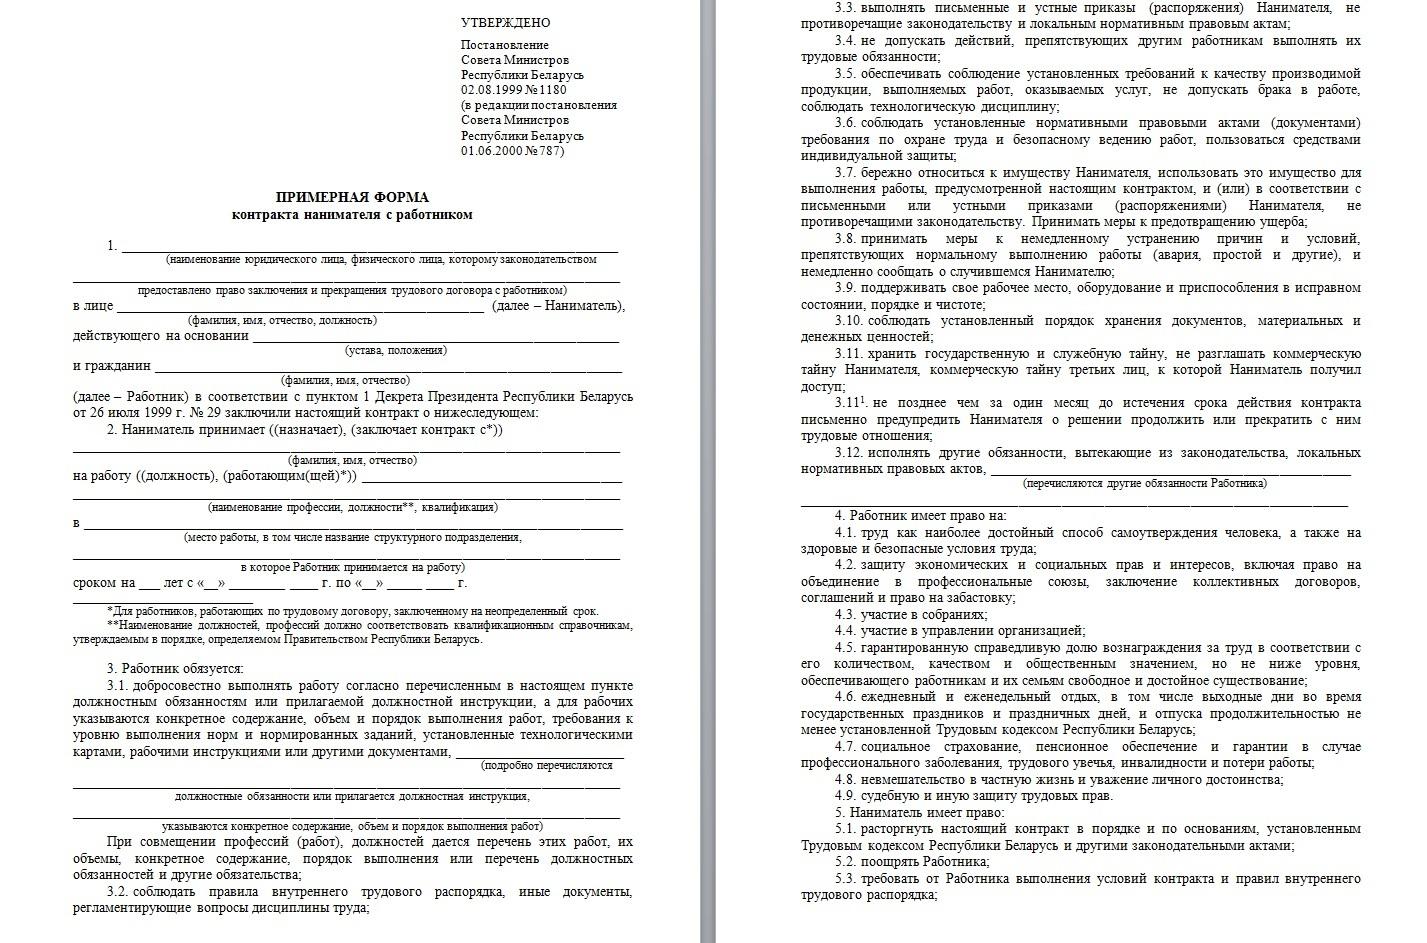 Особенности срочный трудовой договор документы для кредита Миргородский 1-й переулок